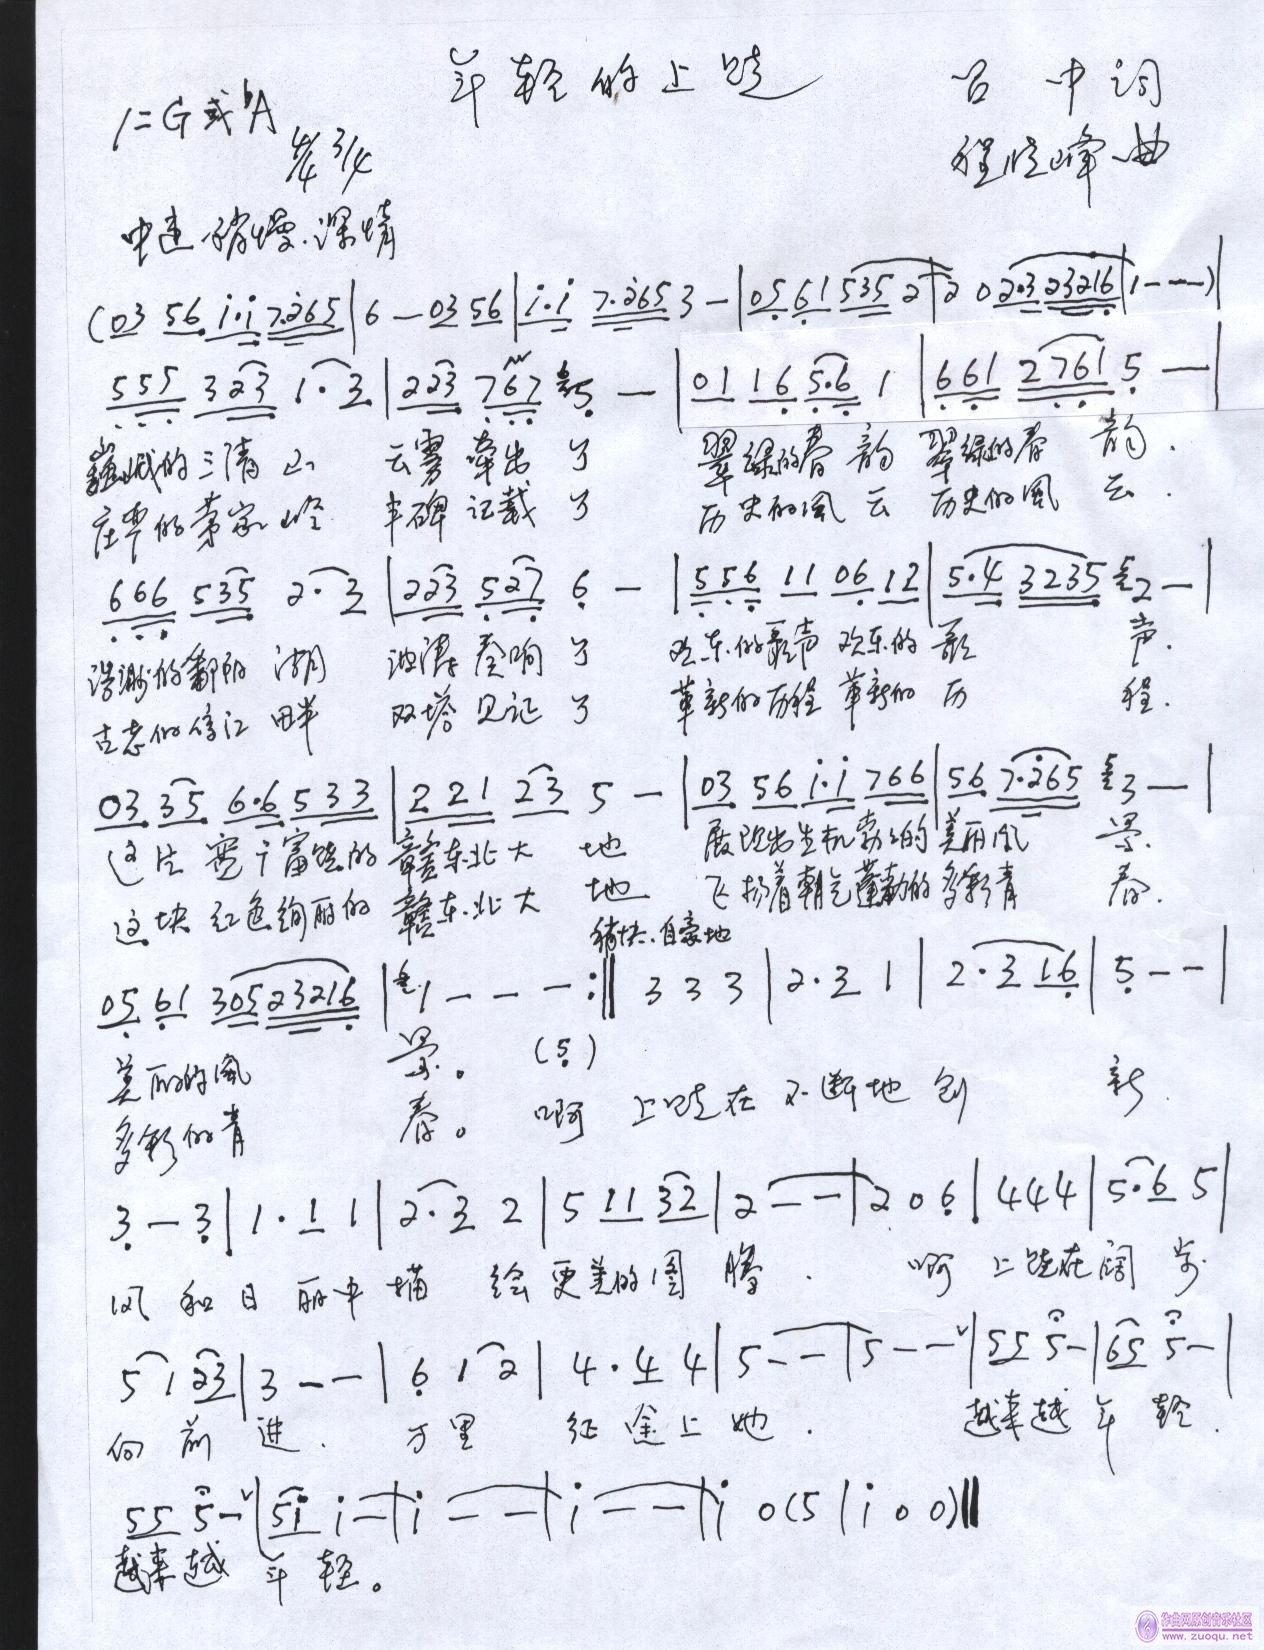 敦峰心甘情愿歌曲谱-晓峰 原创音乐曲谱 Powered by Discuz